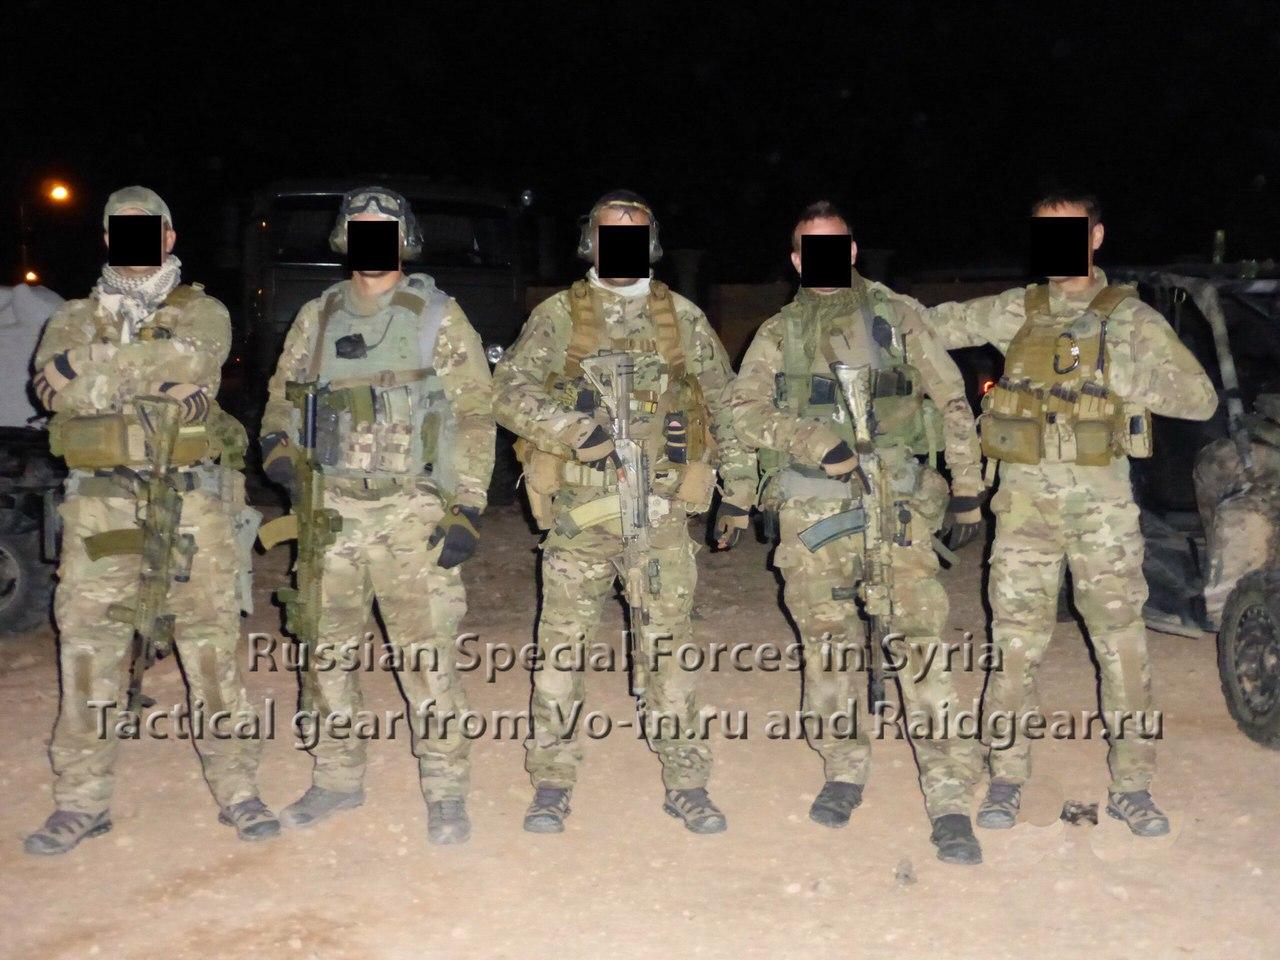 Λαβίδα θανάτου στη Ν.Συρία: Αυτοί είναι οι Ρώσοι Spetsnaz που περικύκλωσαν τους Αμερικανούς! (φωτογραφίες) - Εικόνα11